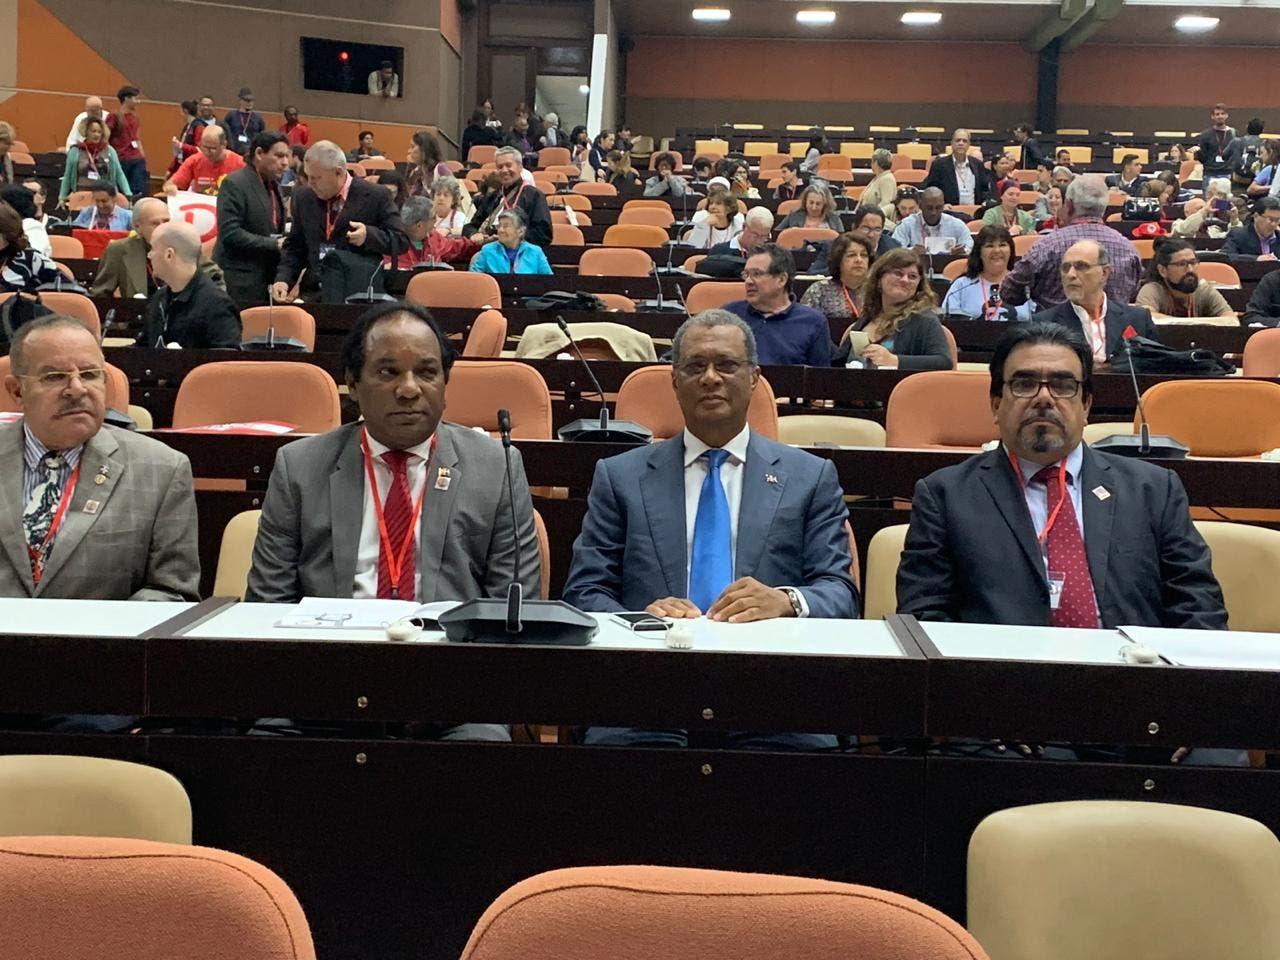 Destacan papel de Gregorio Luperón durante conferencia internacional en Cuba